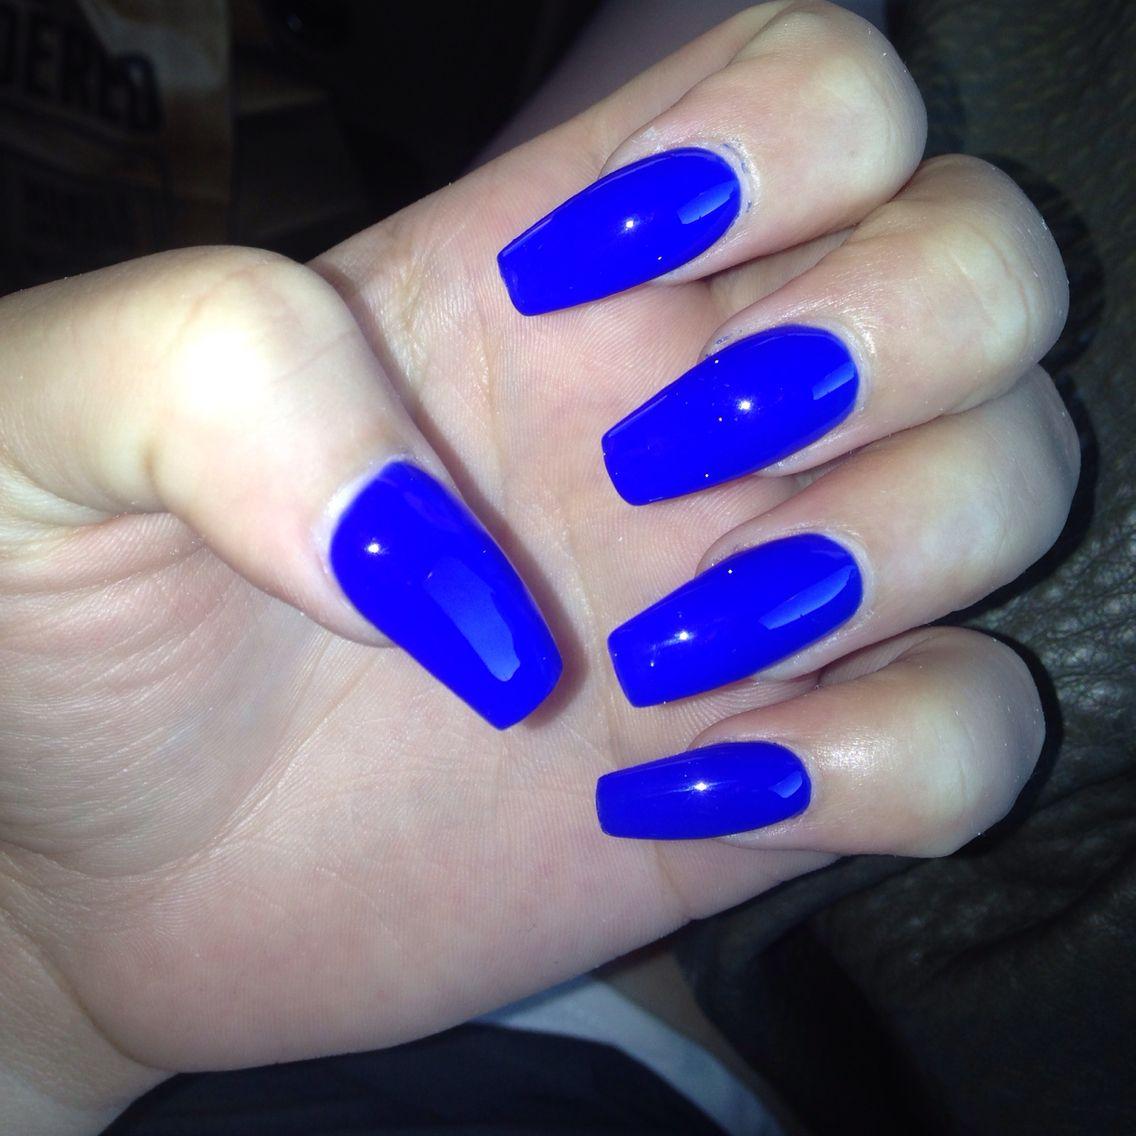 Royal Blue Coffin Nails Royal Blue Nails Blue Coffin Nails Blue Acrylic Nails